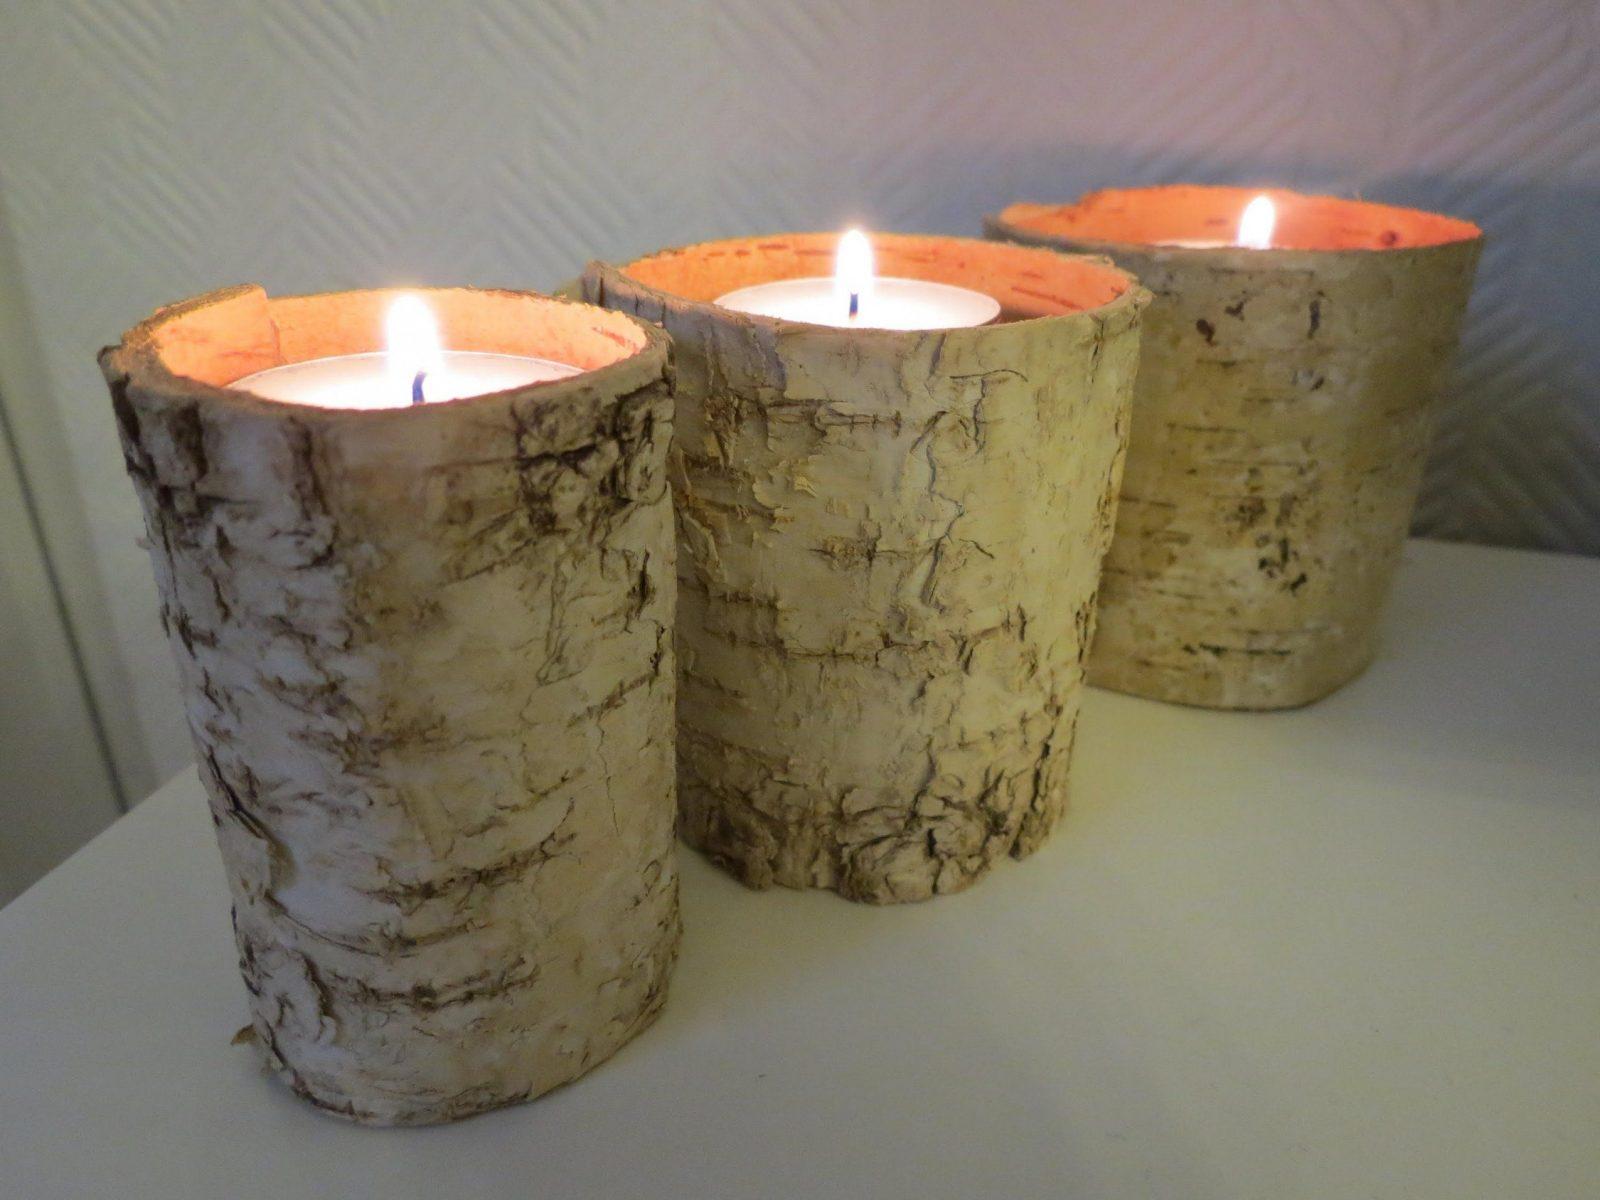 Kerzenhalter Selber Machen * Einfach Schnell & Günstig  Youtube von Holz Kerzenständer Selber Machen Bild